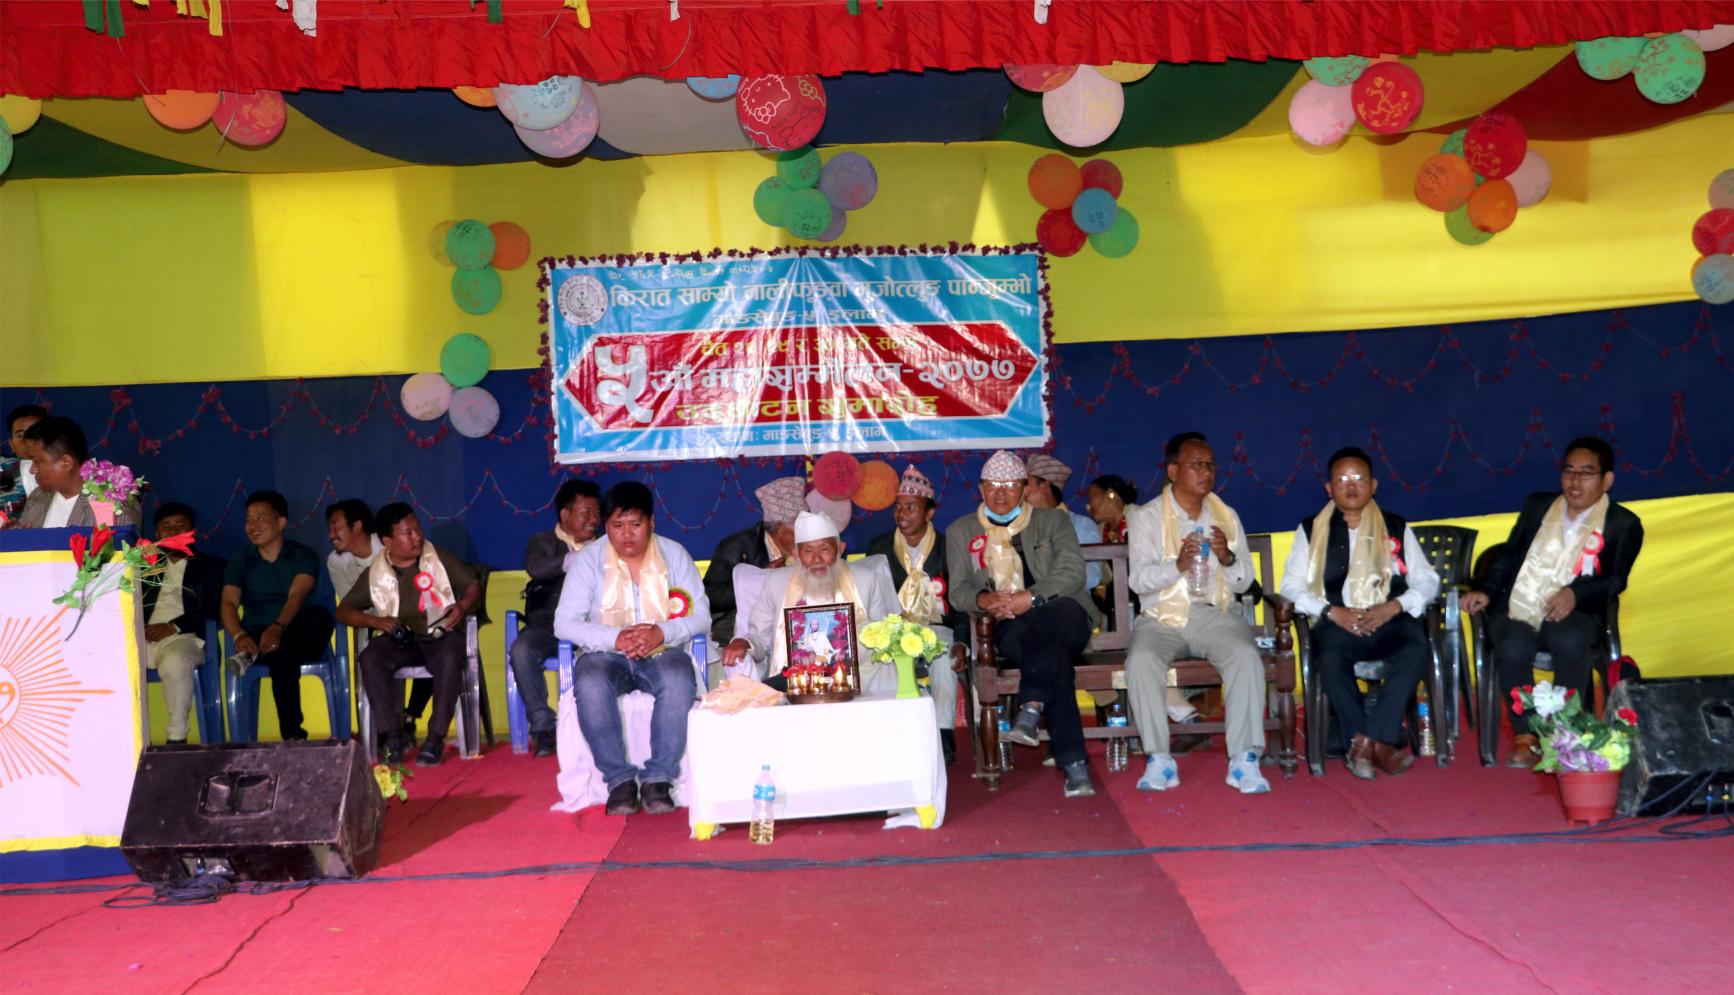 नालीफुङवा पान्जुम्भोको ५ औं महासम्मेलन समुद्घाटन, संस्थापक पदाधिकारीलाई सम्मान (फोटो फिचर सहित)